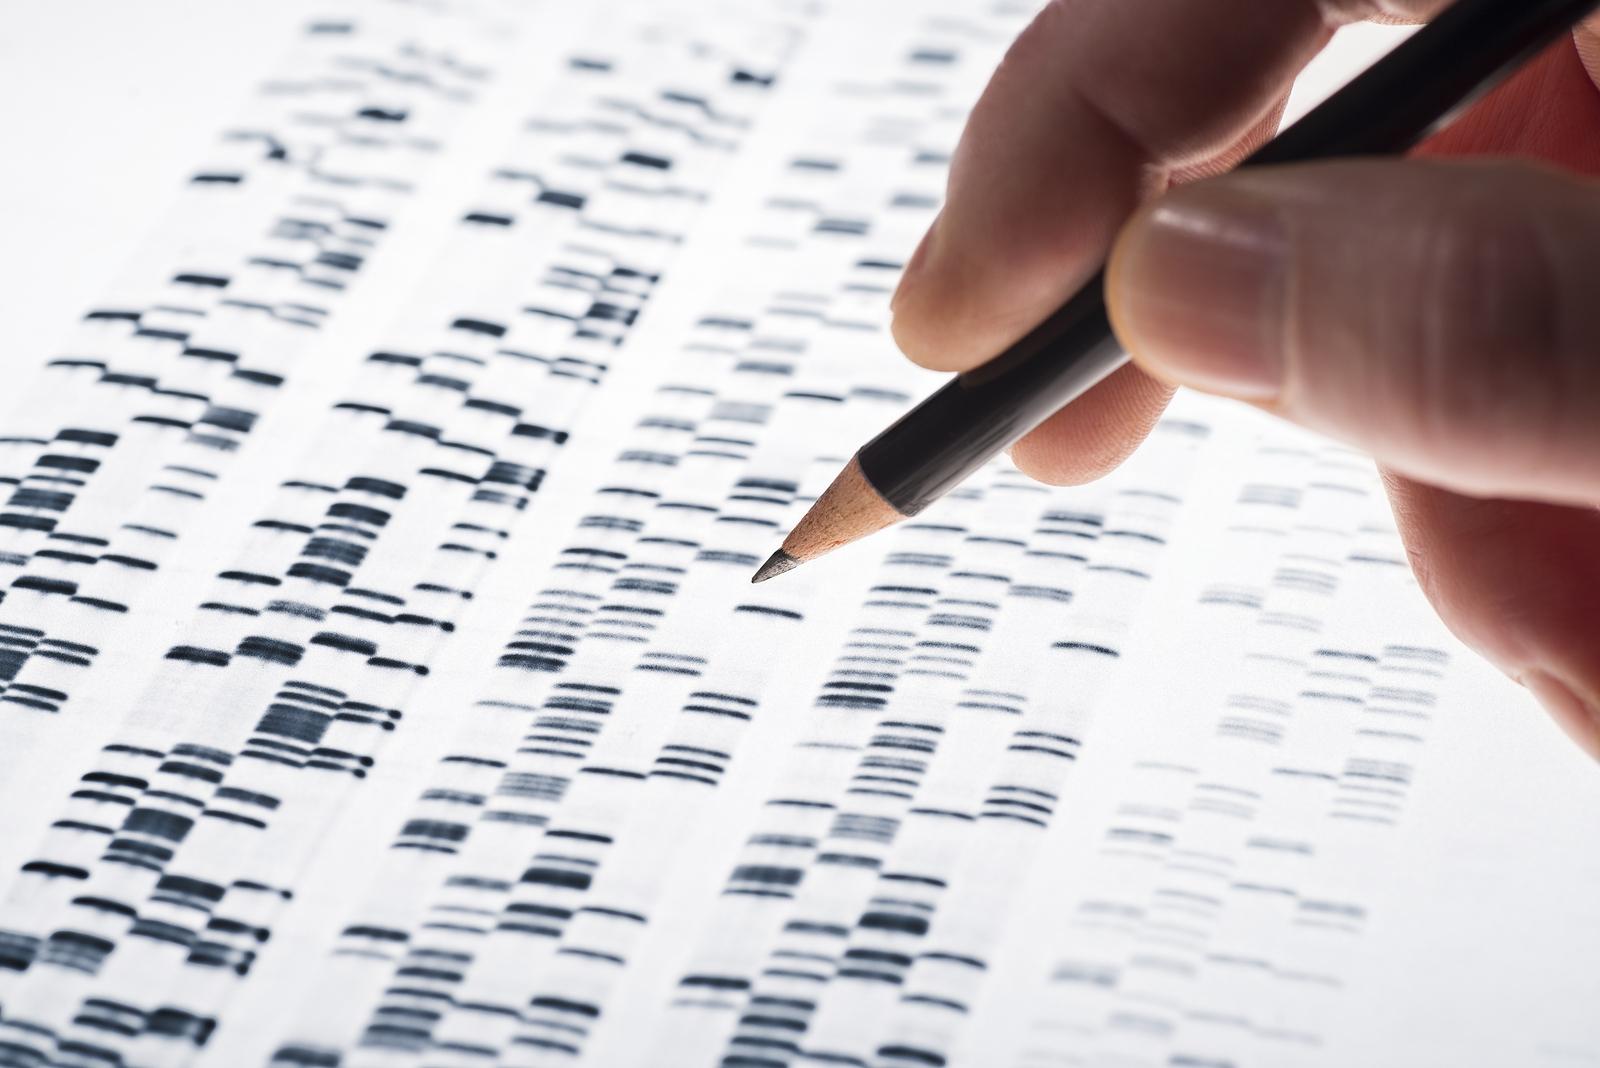 analisi forense del profilo genetico